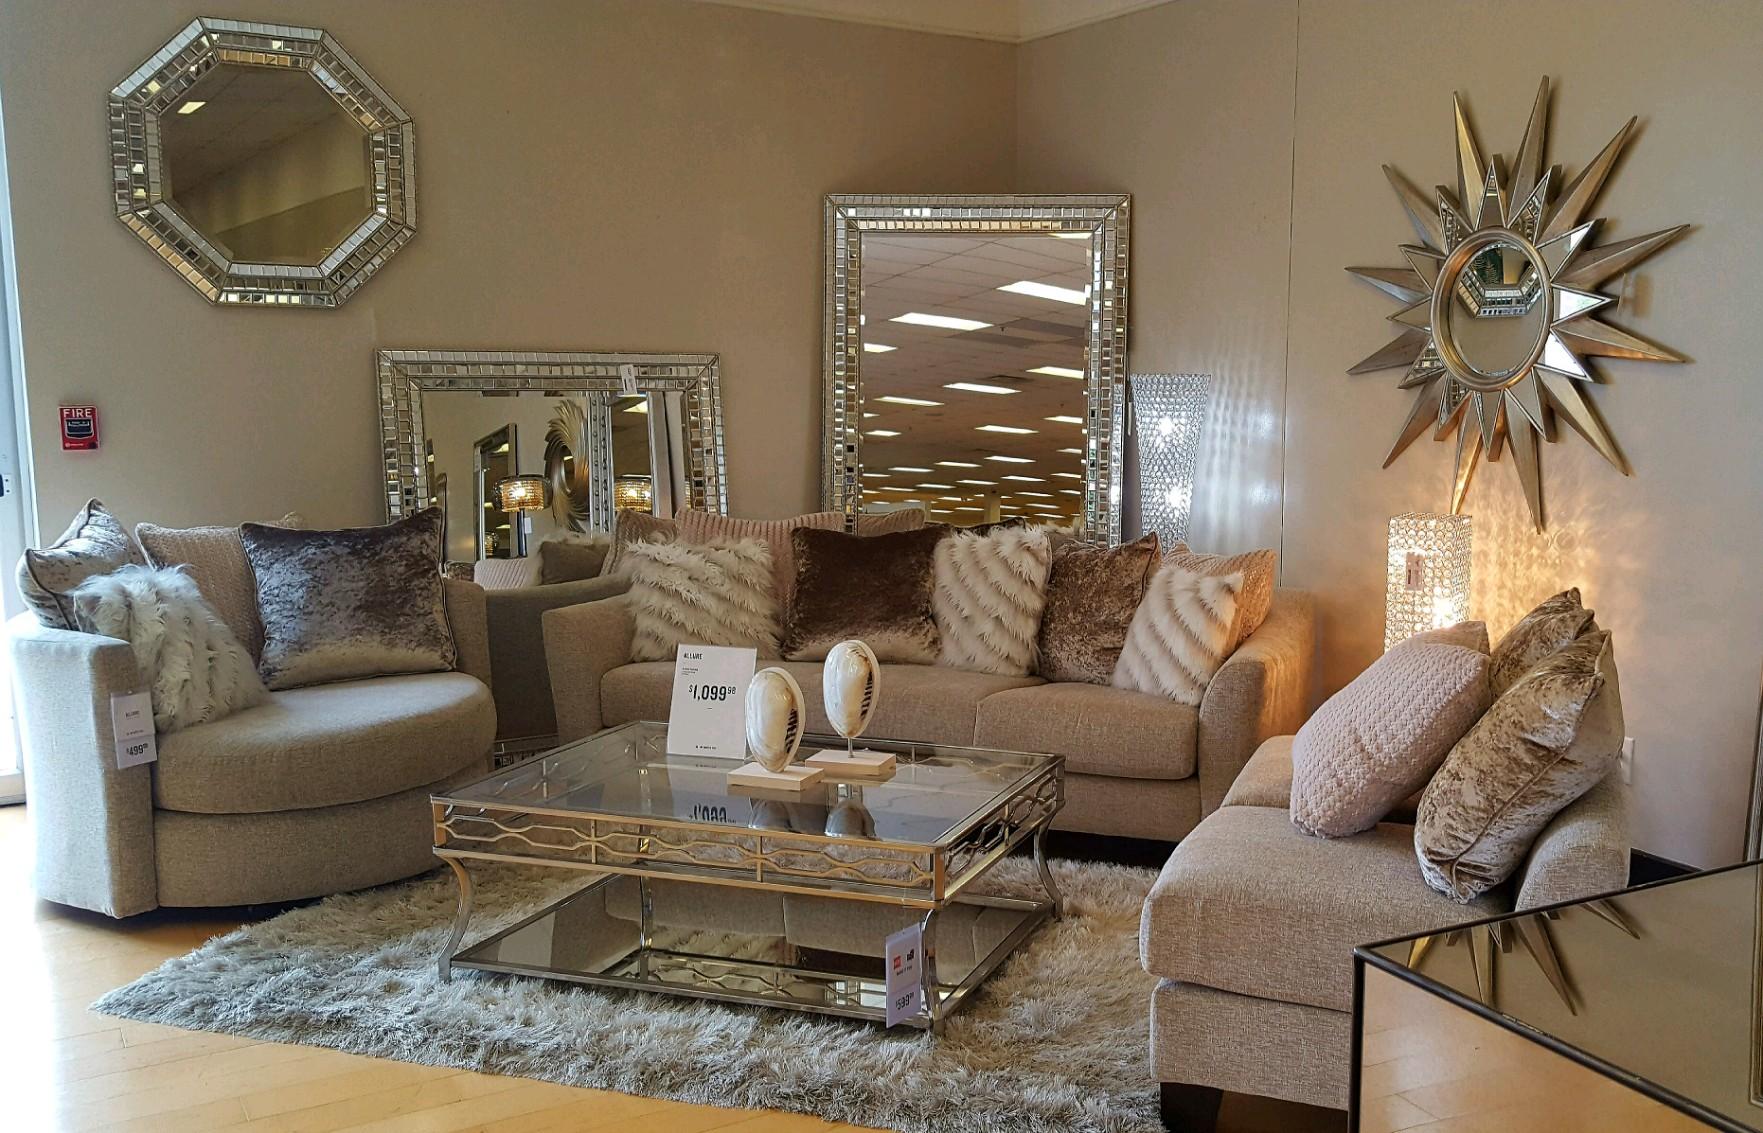 American Signature Furniture image 12